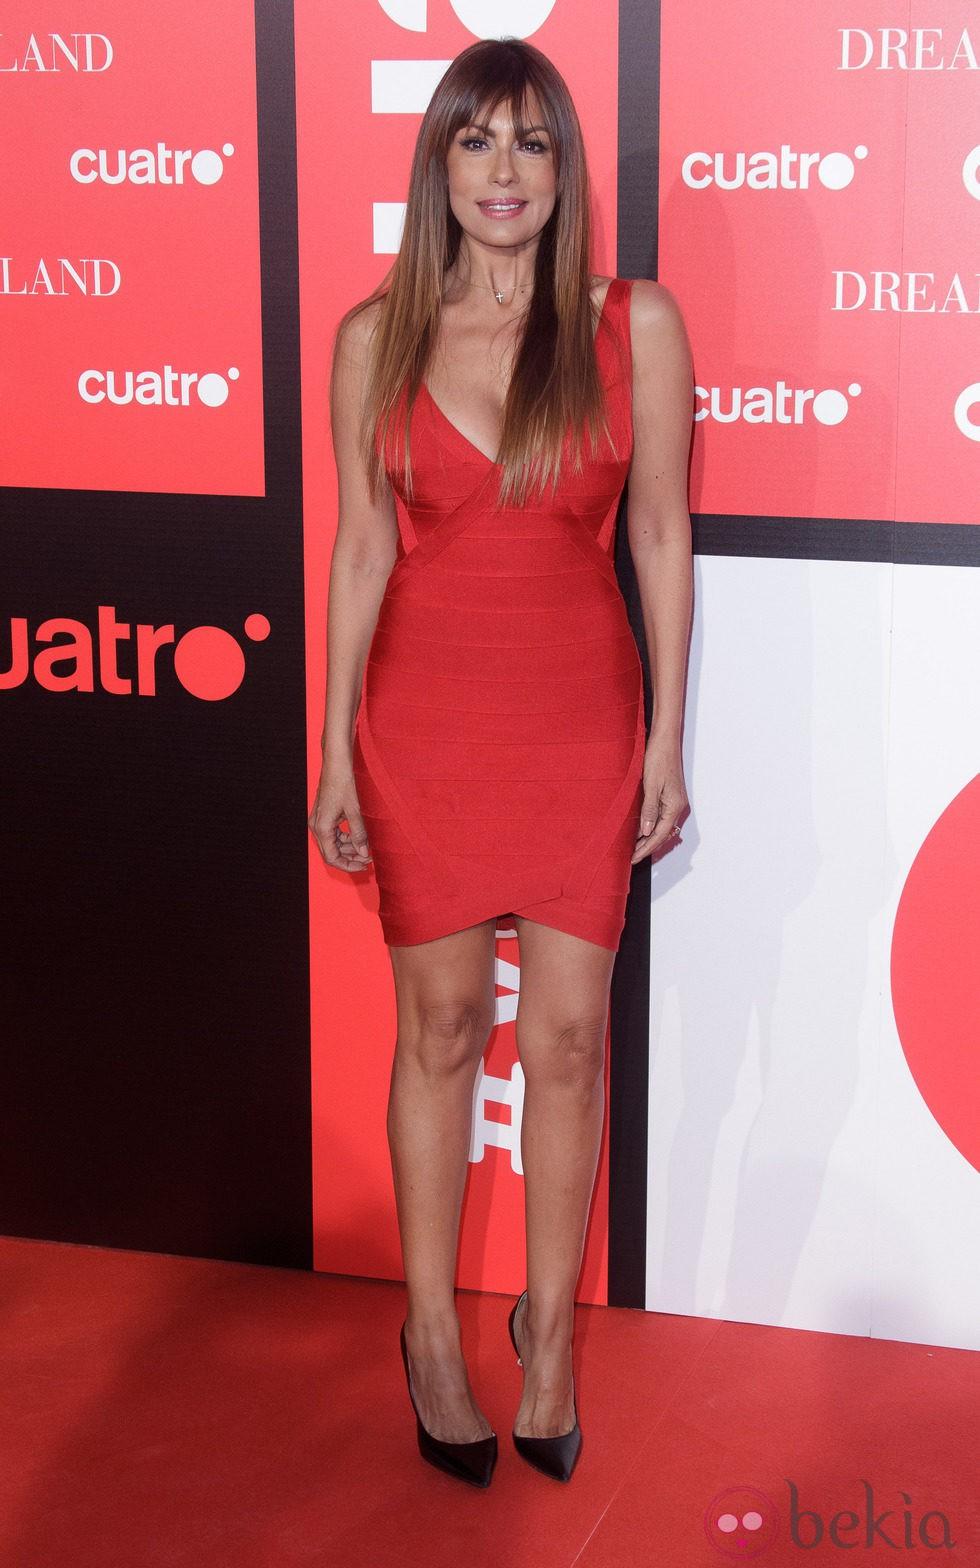 Jacqueline de la Vega en la fiesta de presentación de 'Dreamland' en Madrid